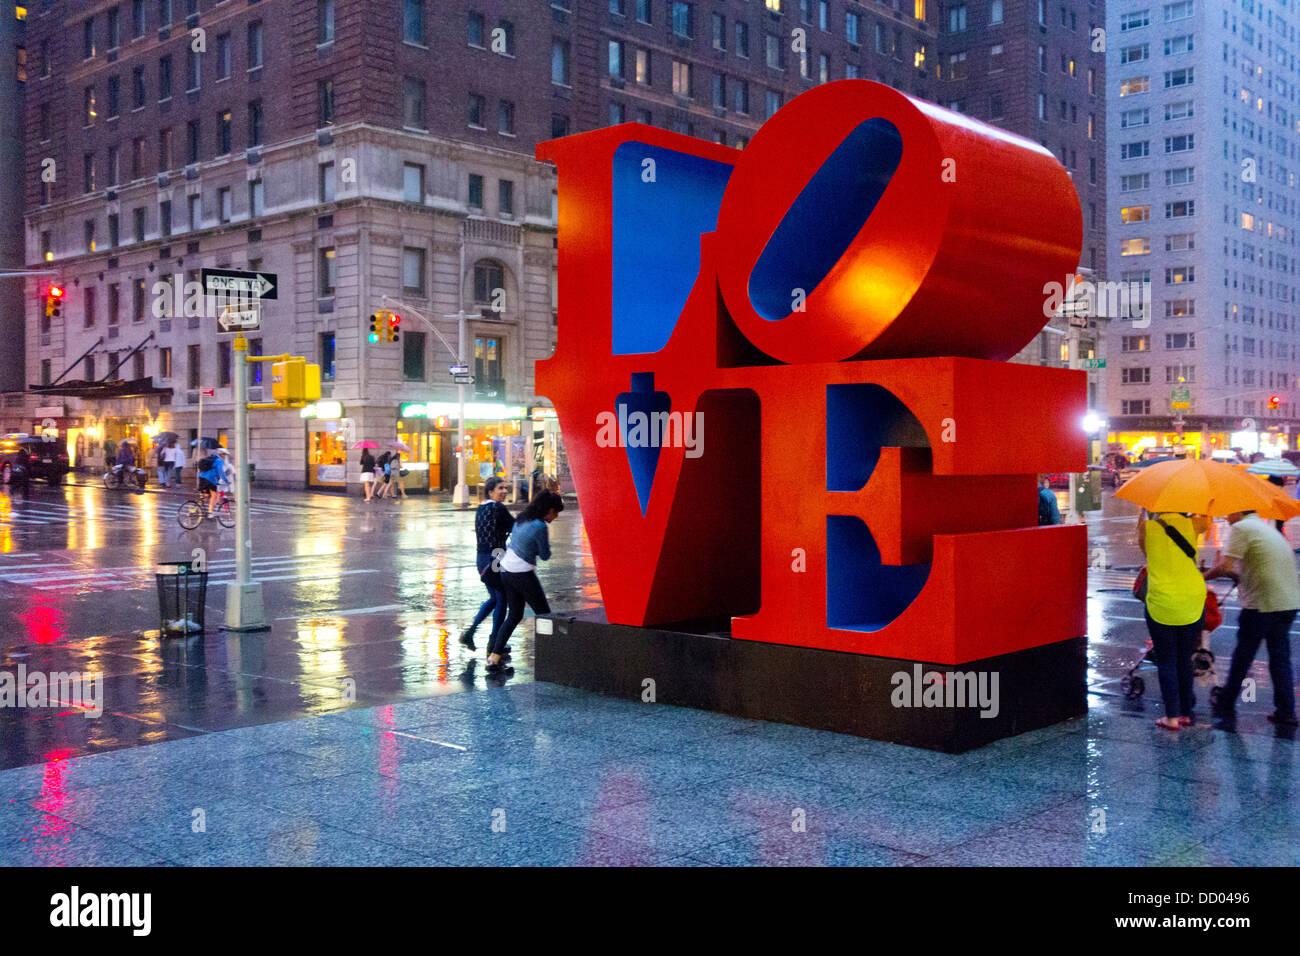 Amor escultura de Robert Indiana en NYC Foto de stock